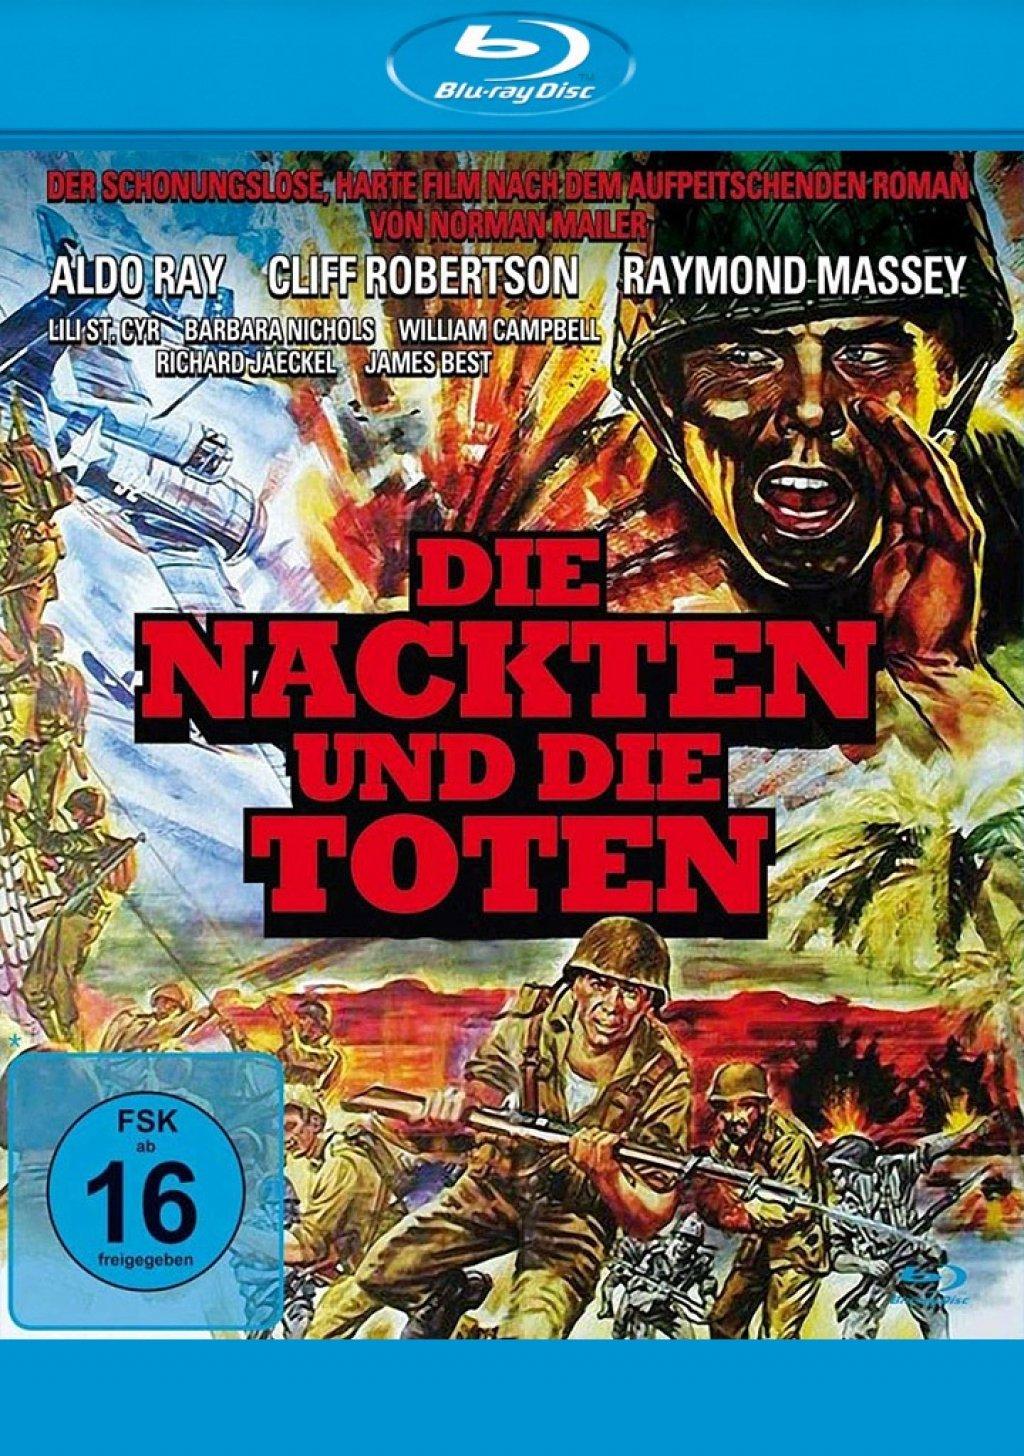 Die Nackten und die Toten (Blu-ray)